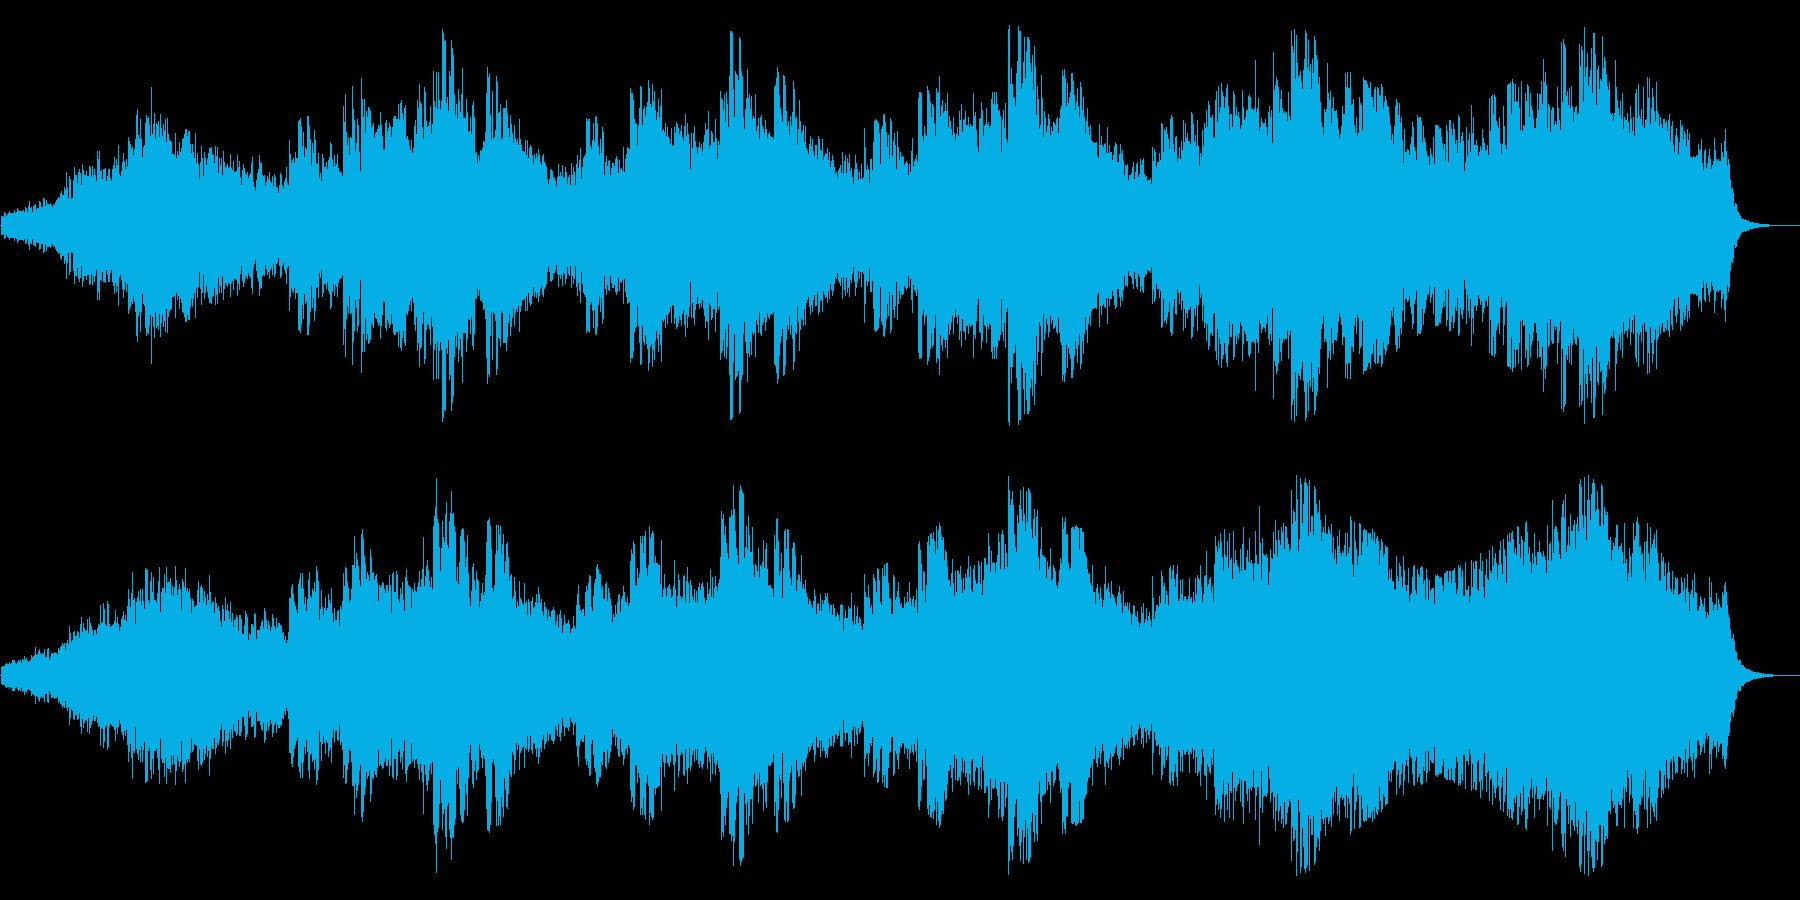 優しく静かなヒーリング系BGMですの再生済みの波形